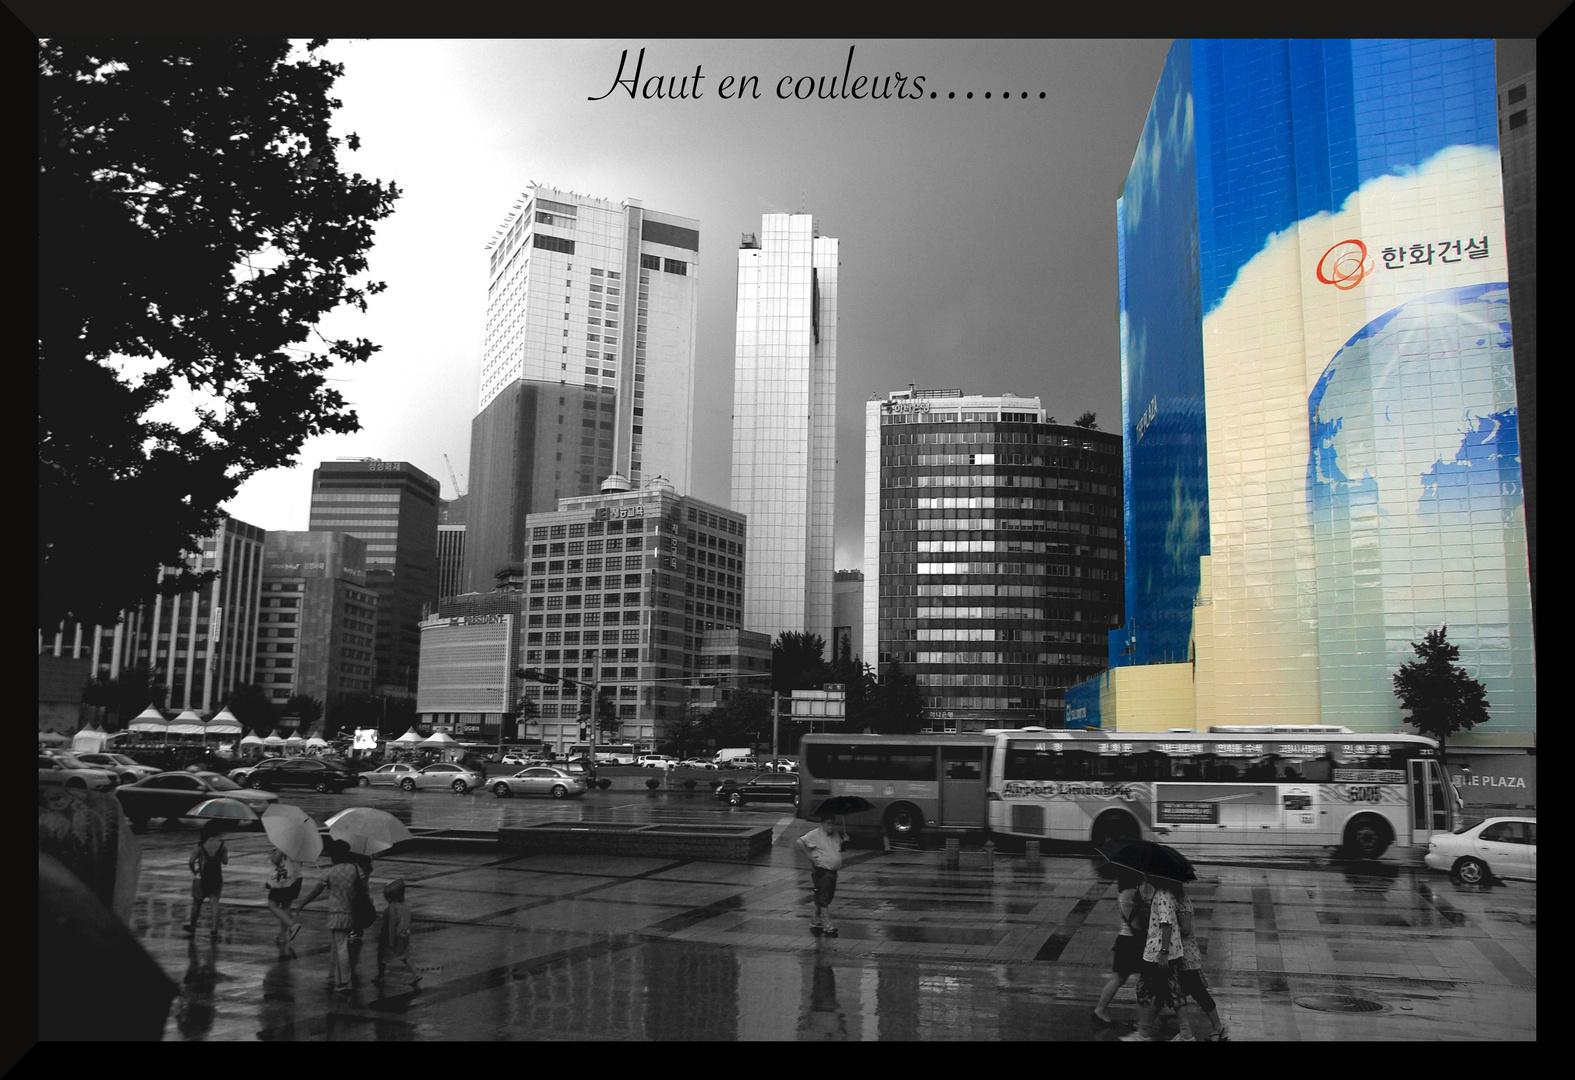 Seoul haut en couleur......